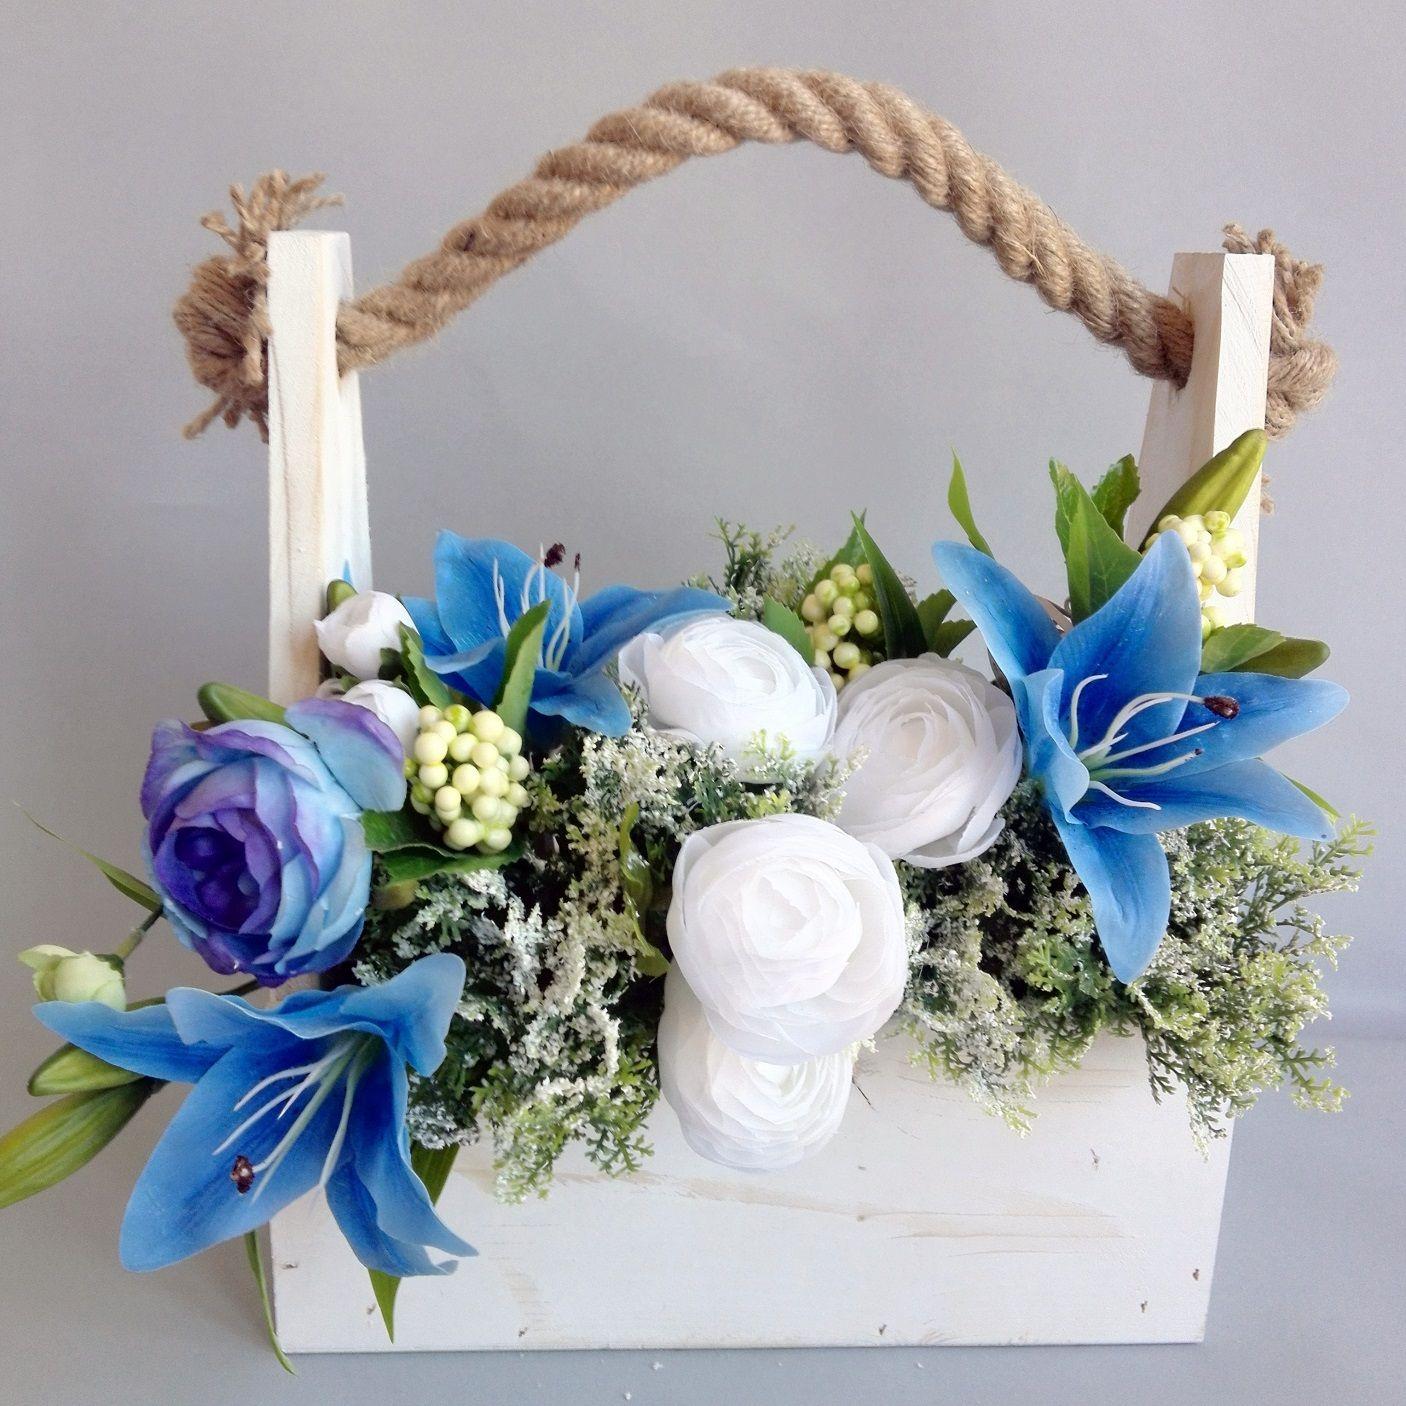 Drewniana Skrzynka Z Kwiatami Flower Boxes Floral Arrangements Good Morning Flowers